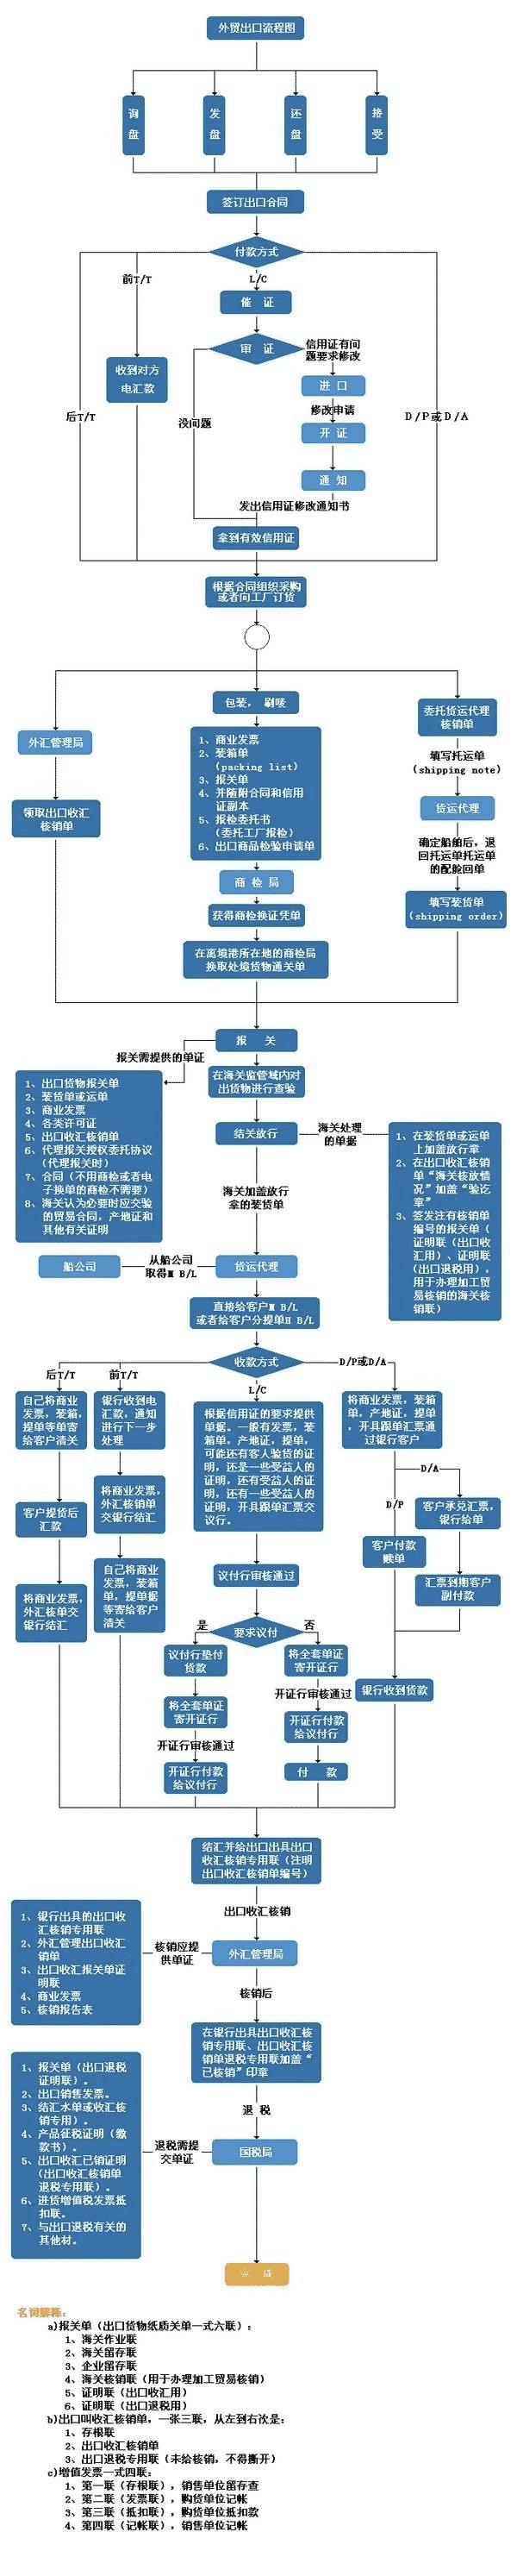 【科普】完整版外贸出口流程一图解析